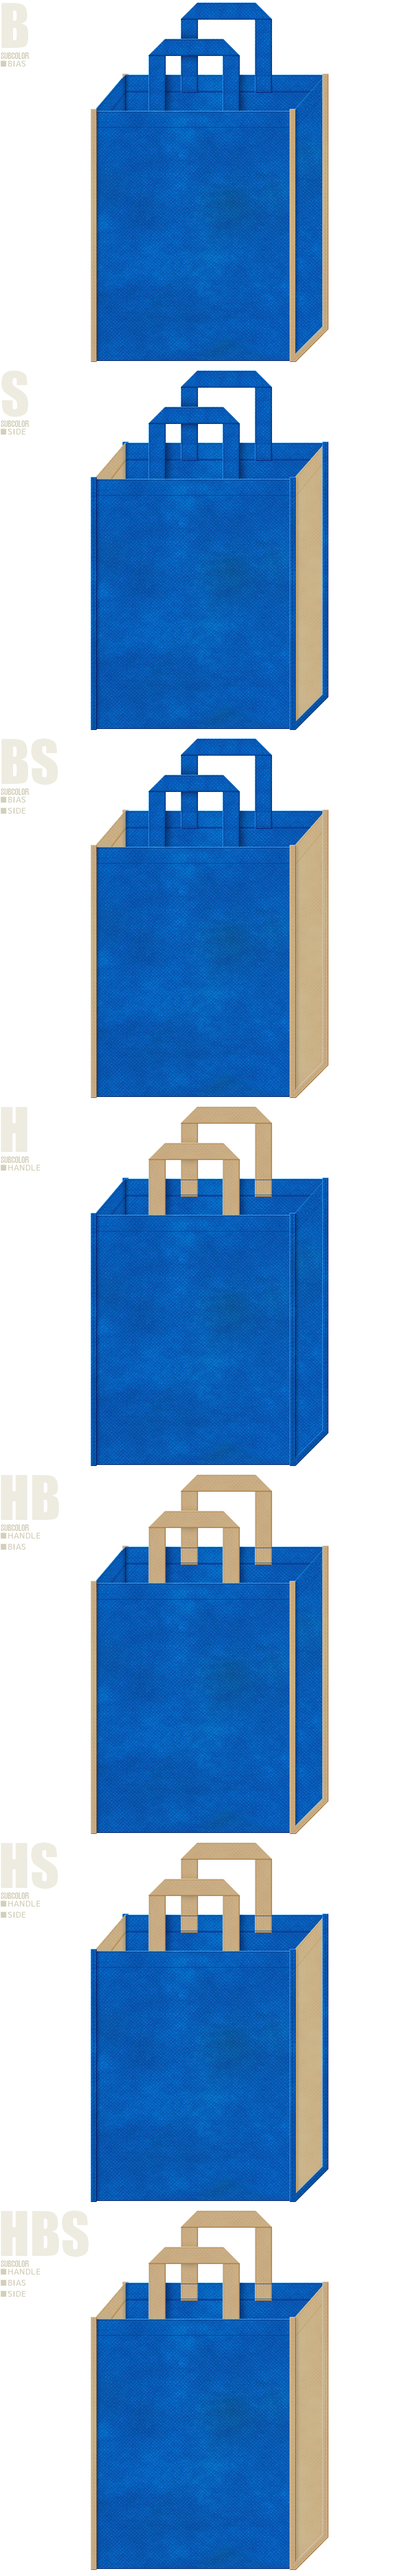 不織布トートバッグのデザイン例-不織布メインカラーNo.22+サブカラーNo.21の2色7パターン